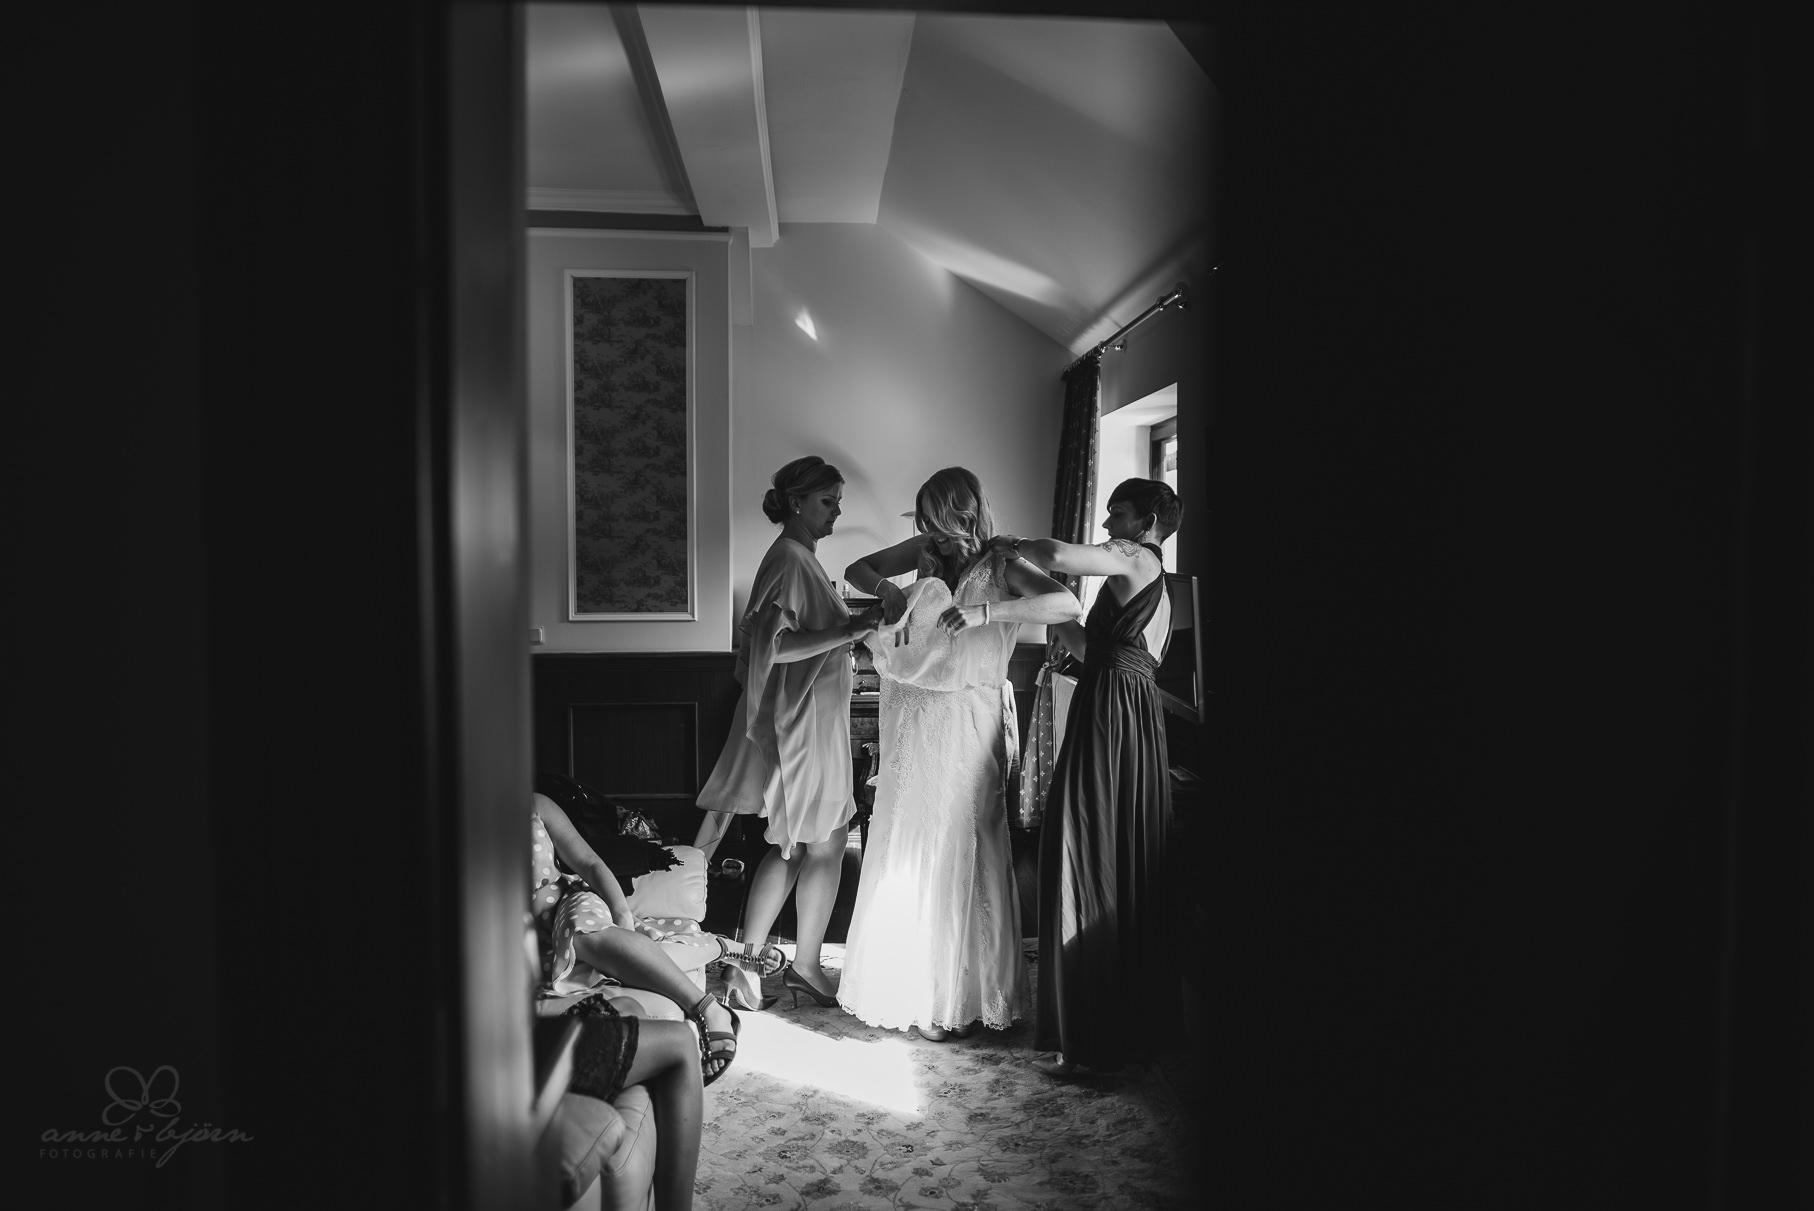 0065 anne und bjoern claudi und enno 811 3095 - Hochzeit auf Rügen (Klein Kubbelkow) - Claudi & Enno